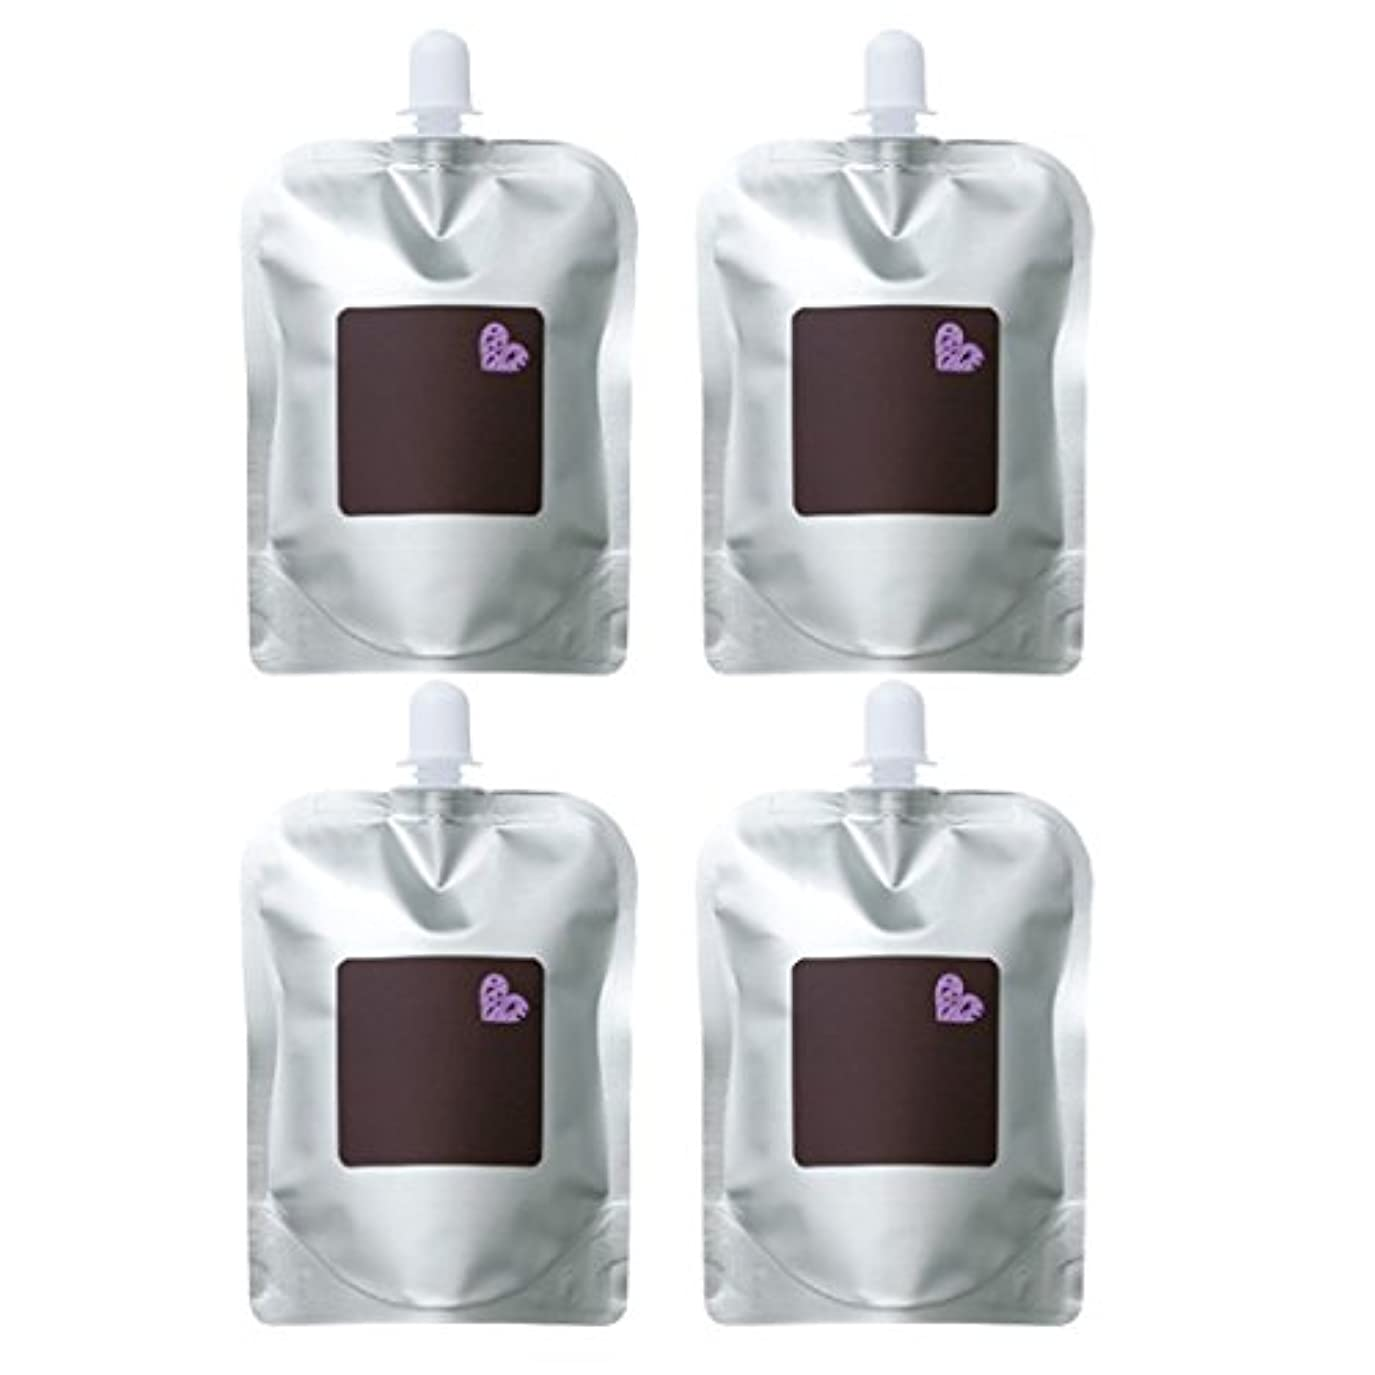 テセウスブレーキ苗【X4個セット】 アリミノ ピース バウンシーカール ホイップ 400g 詰替え用